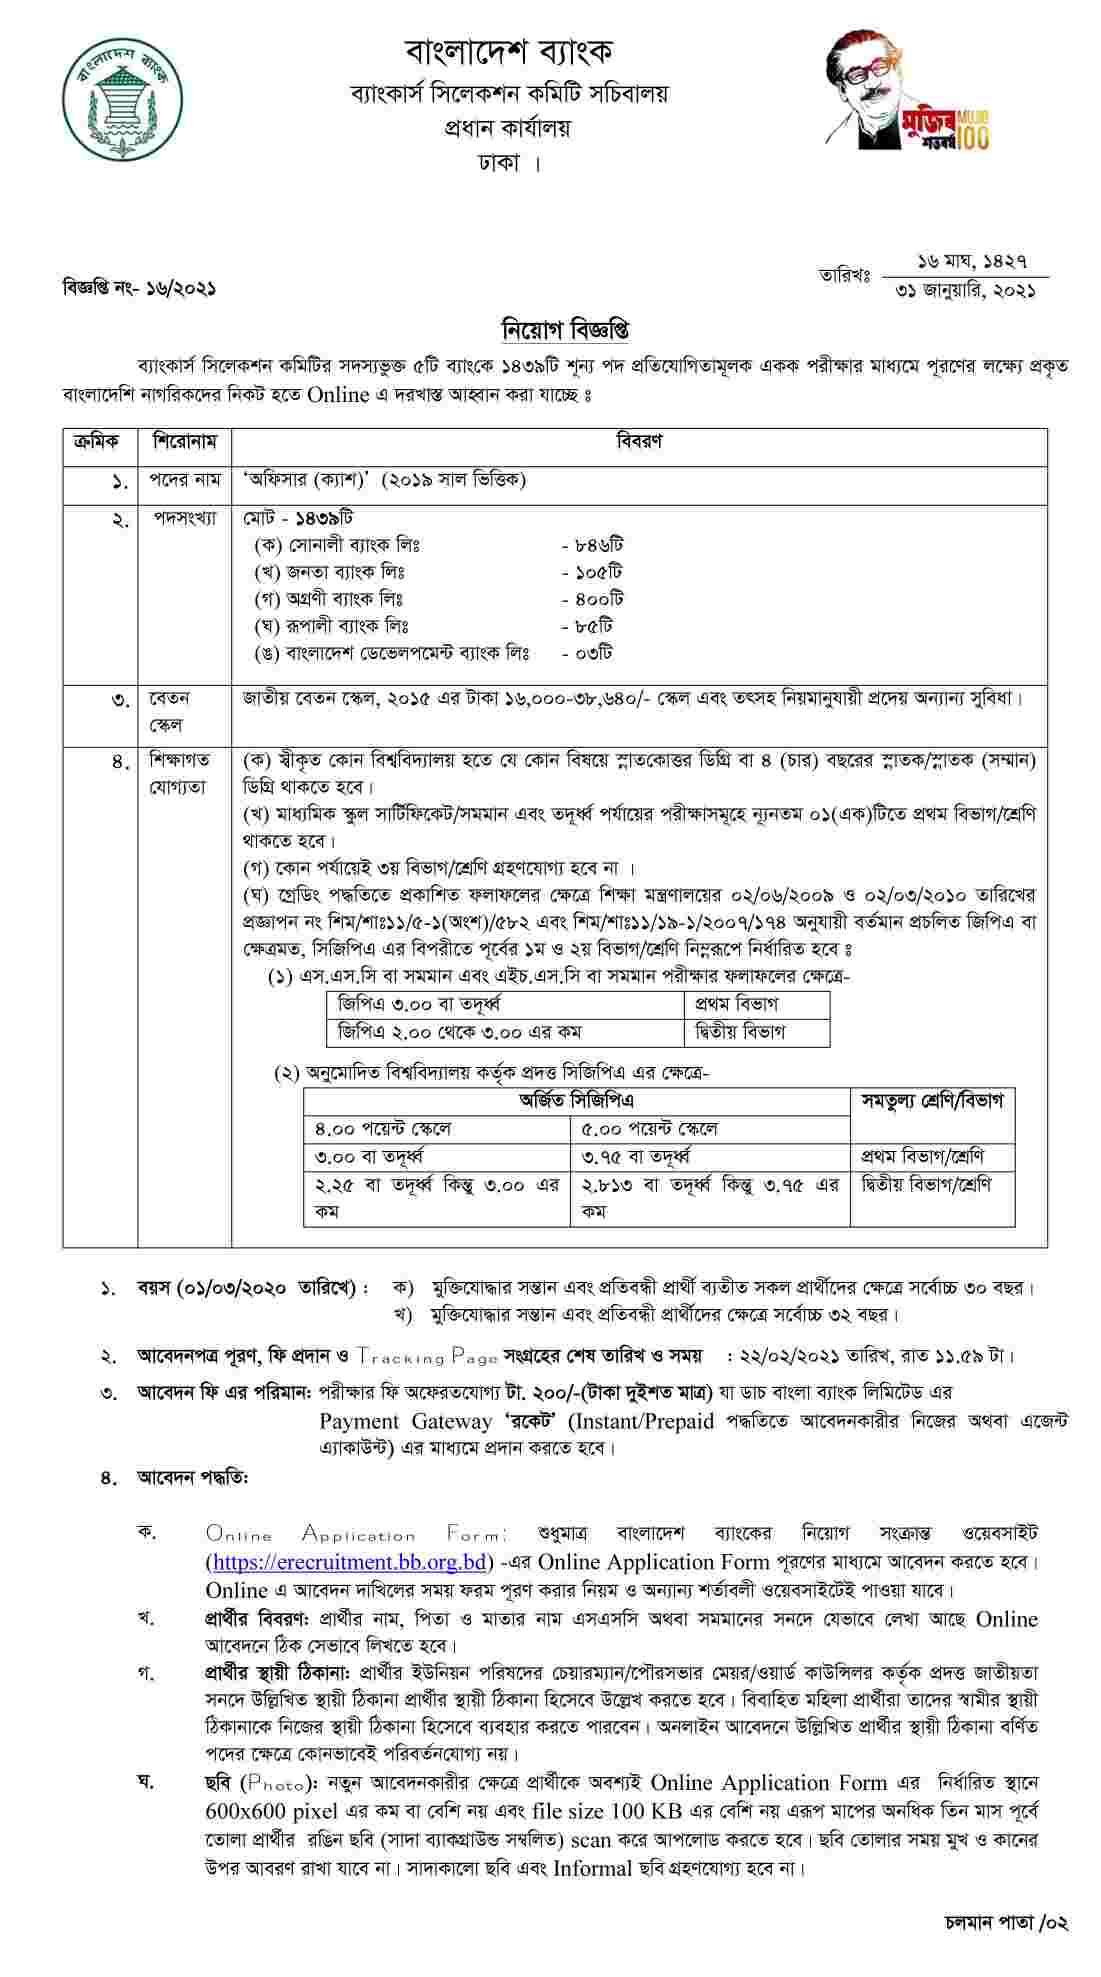 বাংলাদেশ ব্যাংক নিয়োগ বিজ্ঞপ্তি ২০২১, বাংলাদেশ ব্যাংক চাকরির খবর ২০২১, বাংলাদেশ ব্যাংক জব সার্কুলার 2021, Bangladesh Bank Job Circular 2021, BD Bank Job Circular 2021, bank job circular 2021 bd,